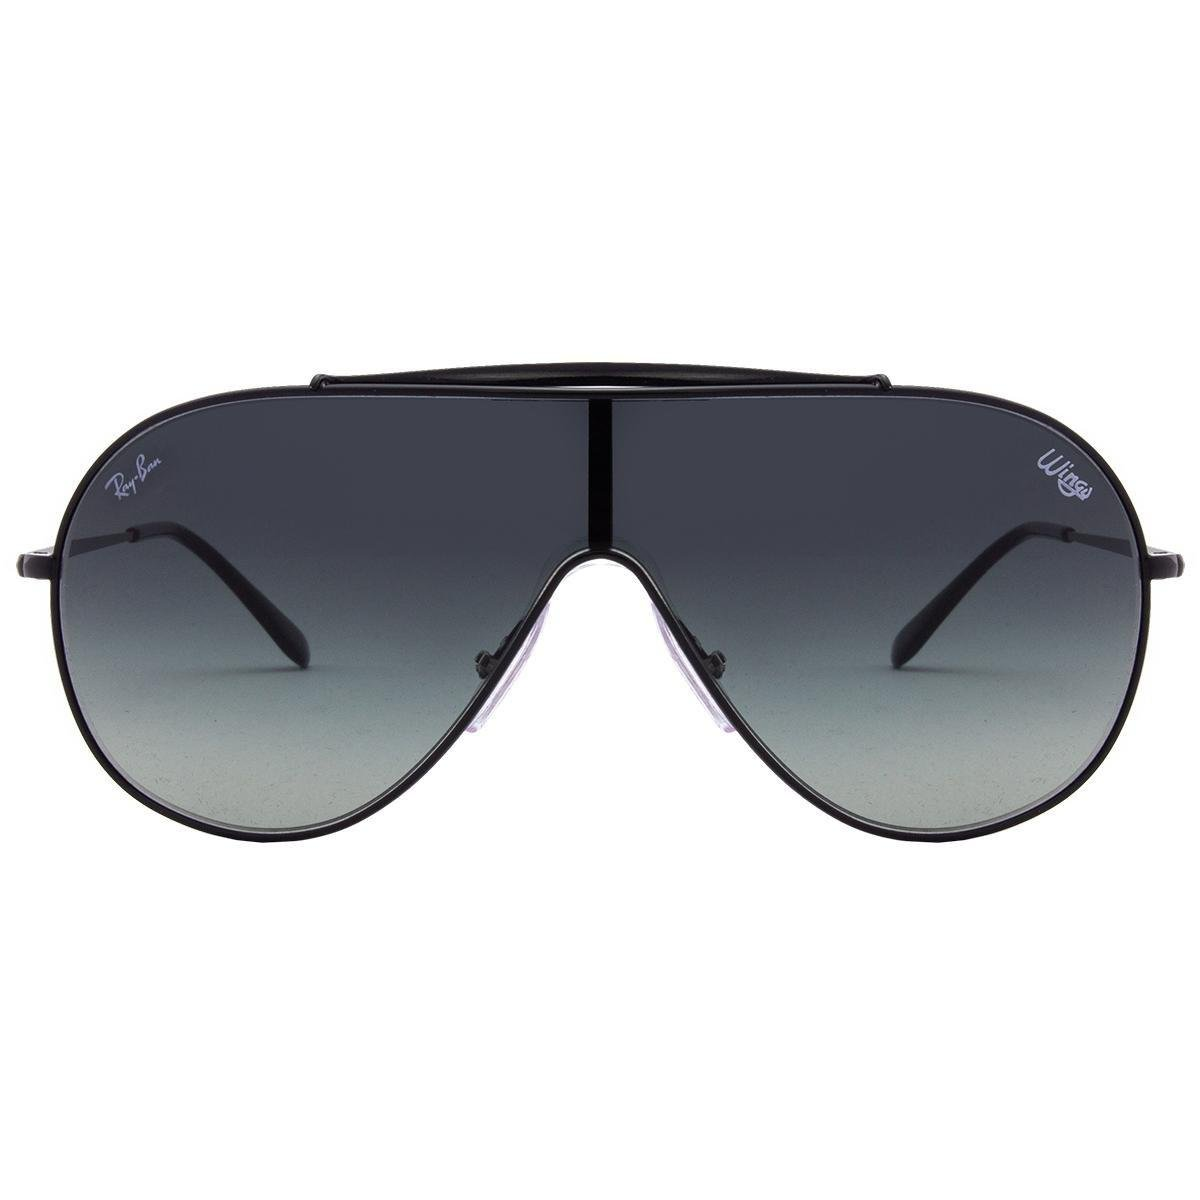 c42784fa20c60 Óculos de Sol Ray-Ban Wings RB3597 002 11 33 - Compre Agora